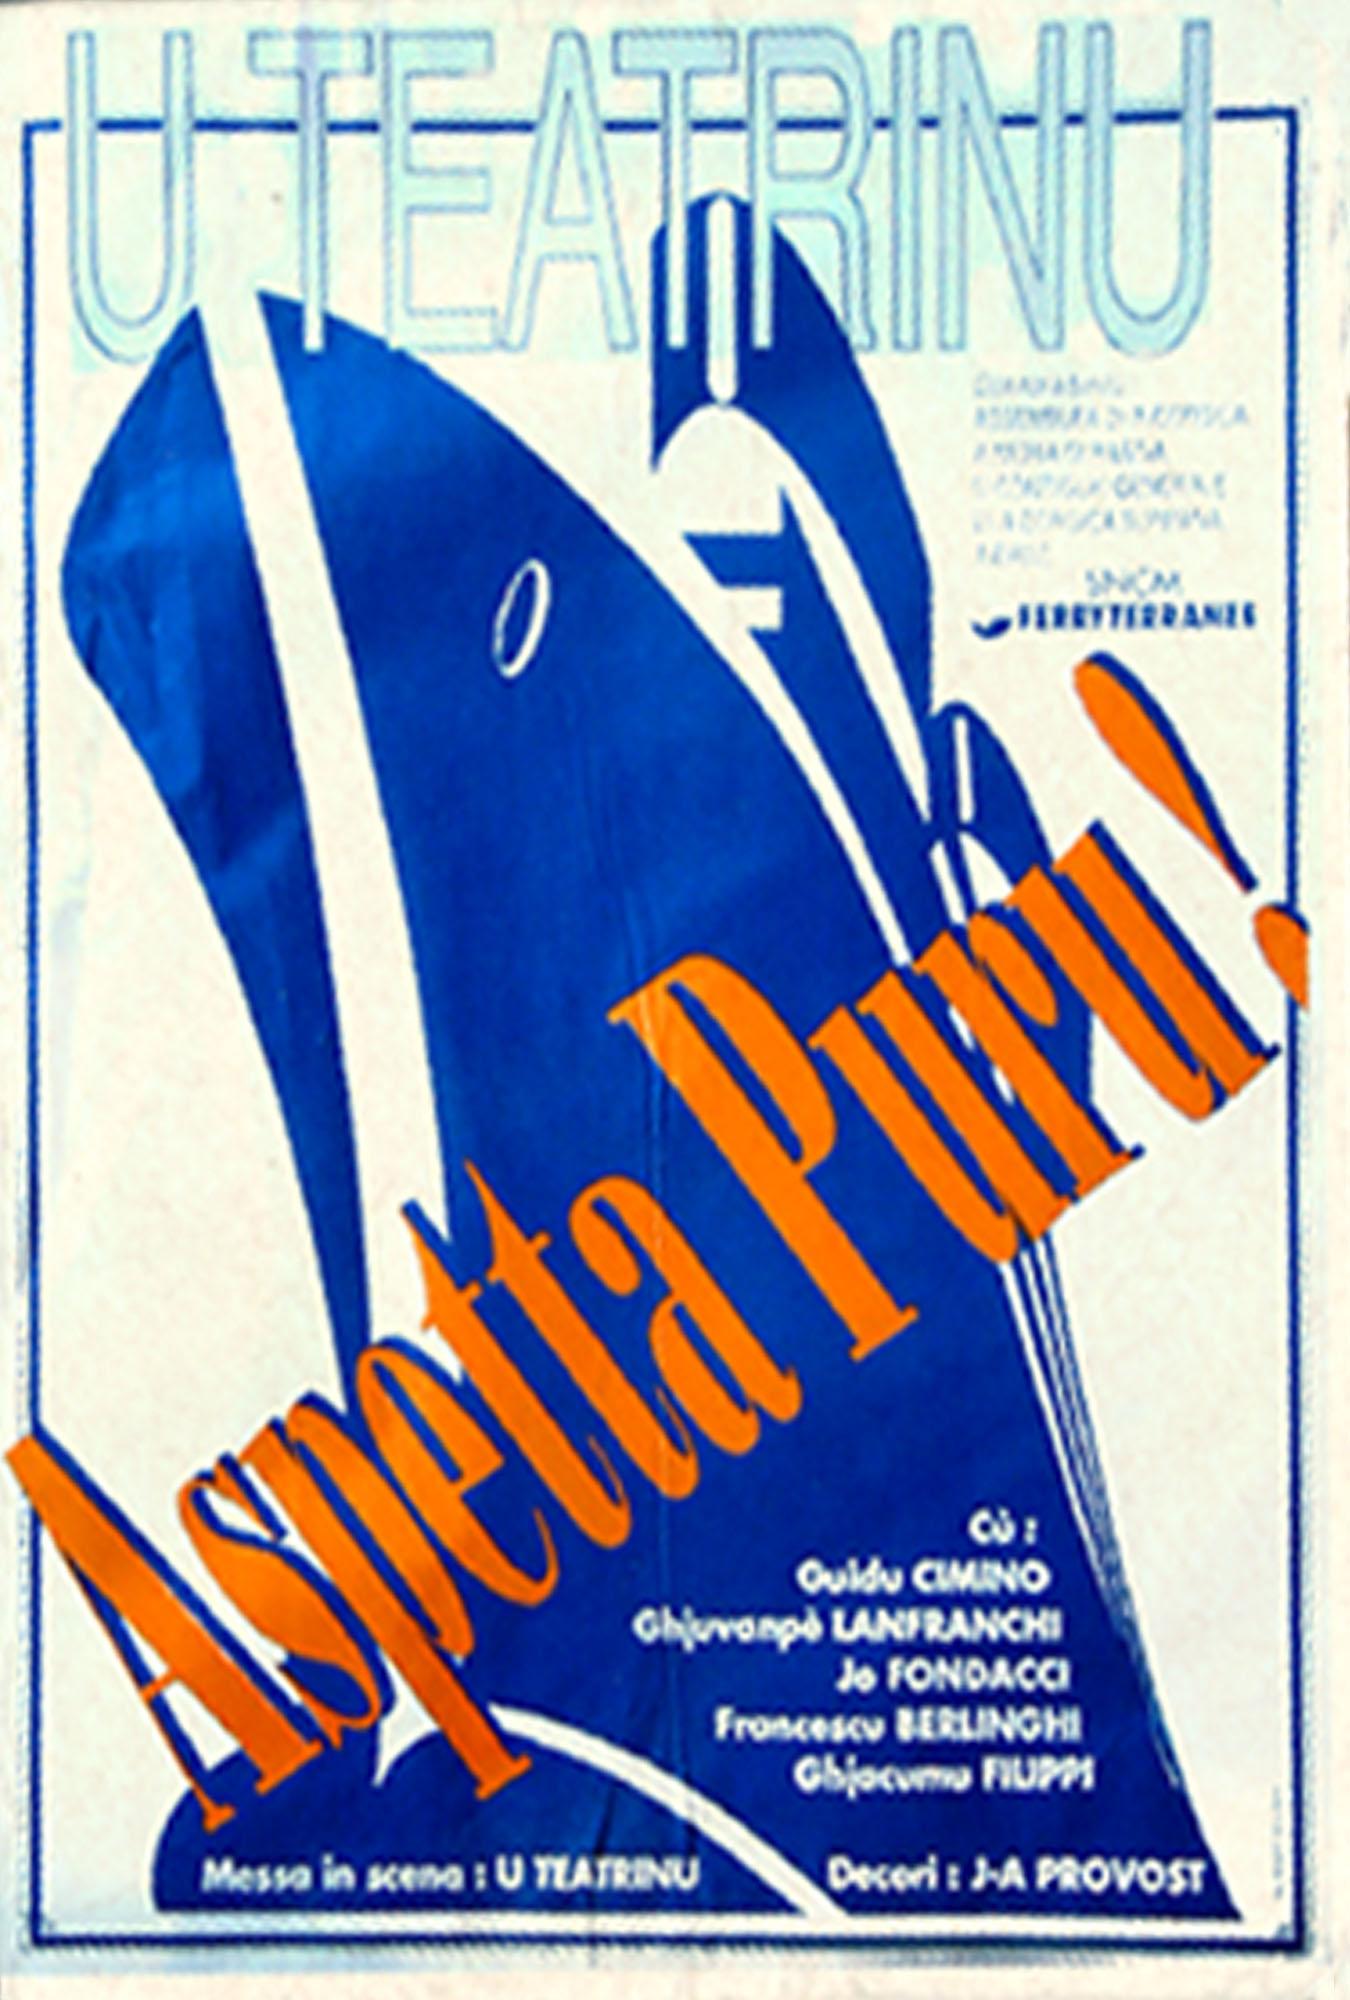 affiche-aspetta